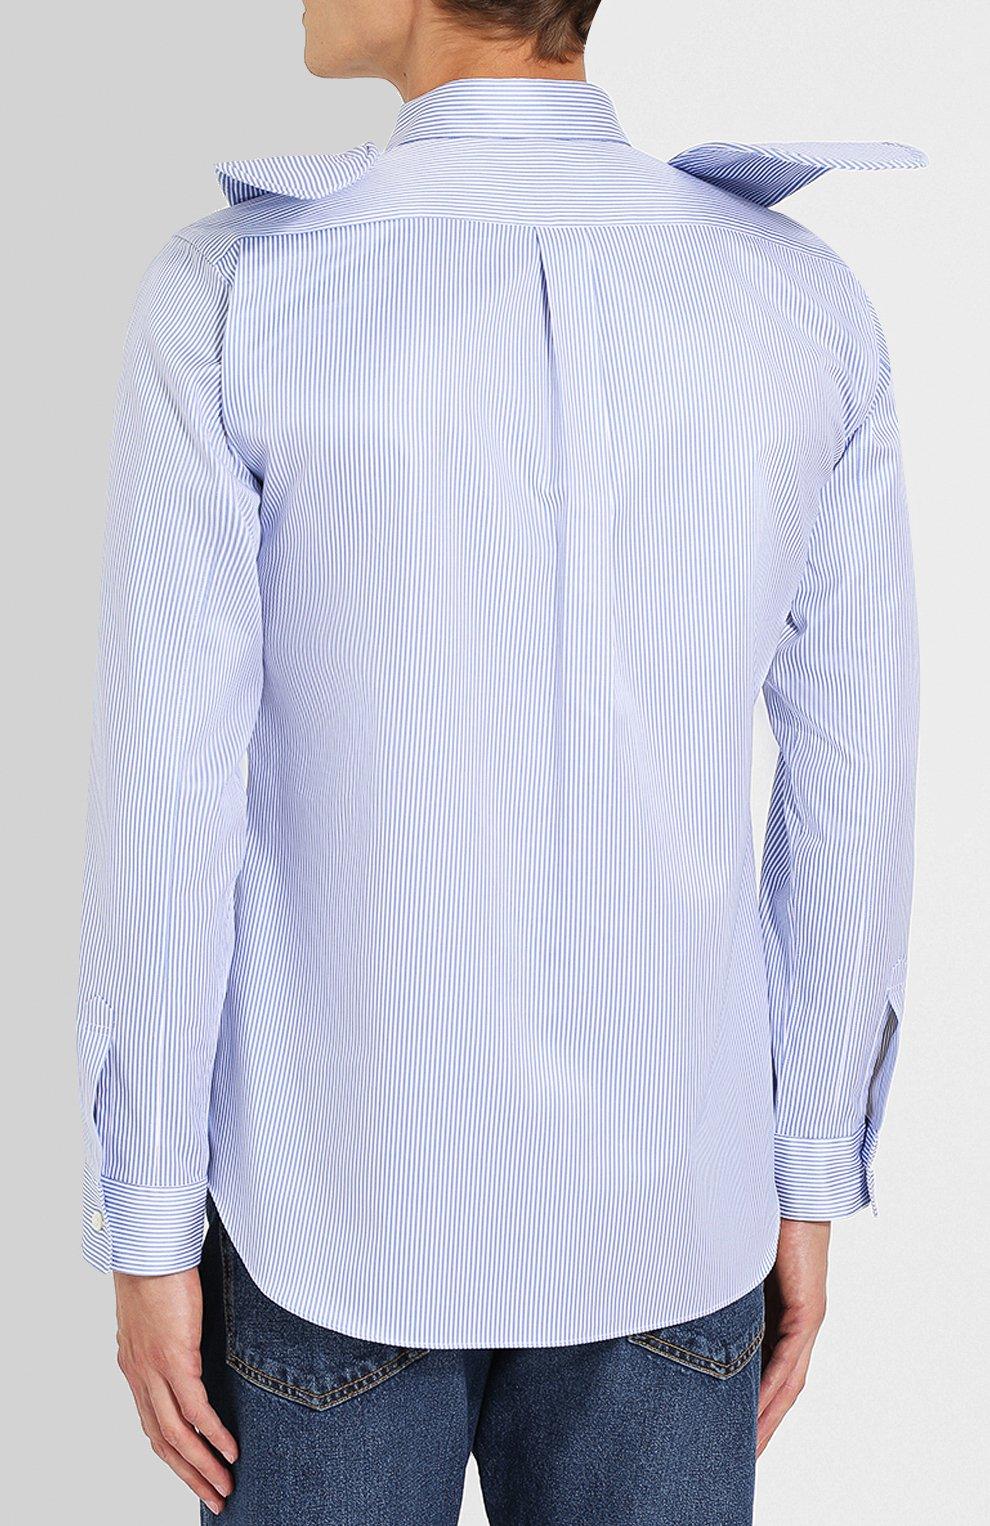 Мужские рубашки La Martina купить в интернет-магазине ЦУМ - товар распродан c421bd60433